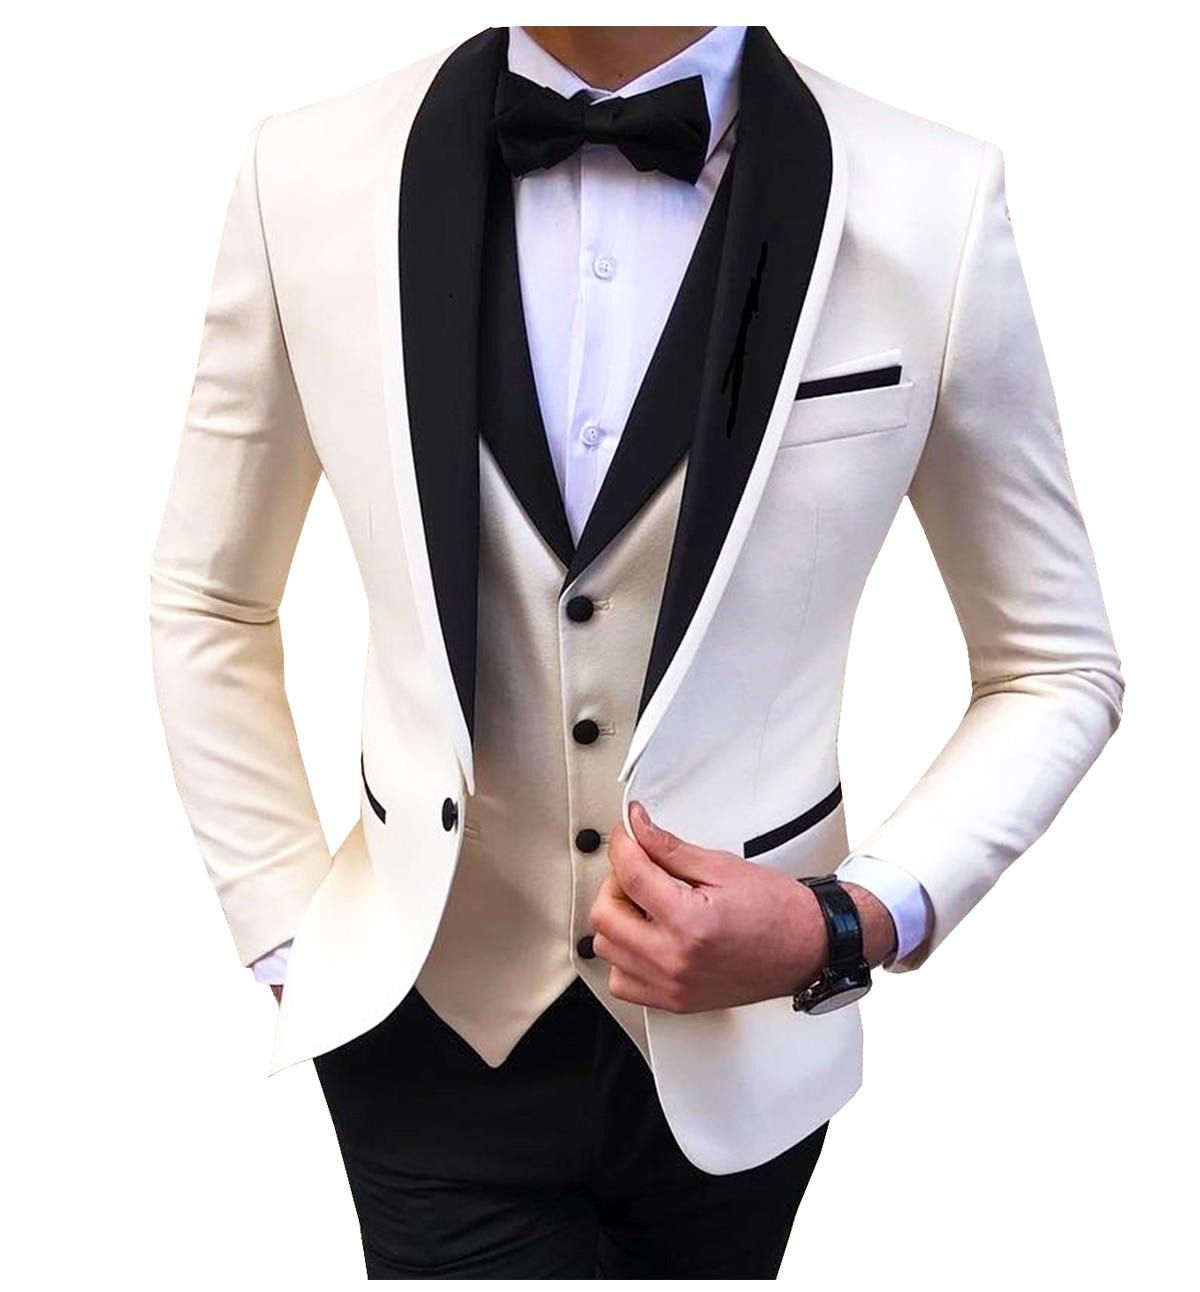 Blue slit mens suits 3 piece black shawl lapel casual tuxedos for wedding groomsmen suits men 2020 (blazer+vest+pant) 4